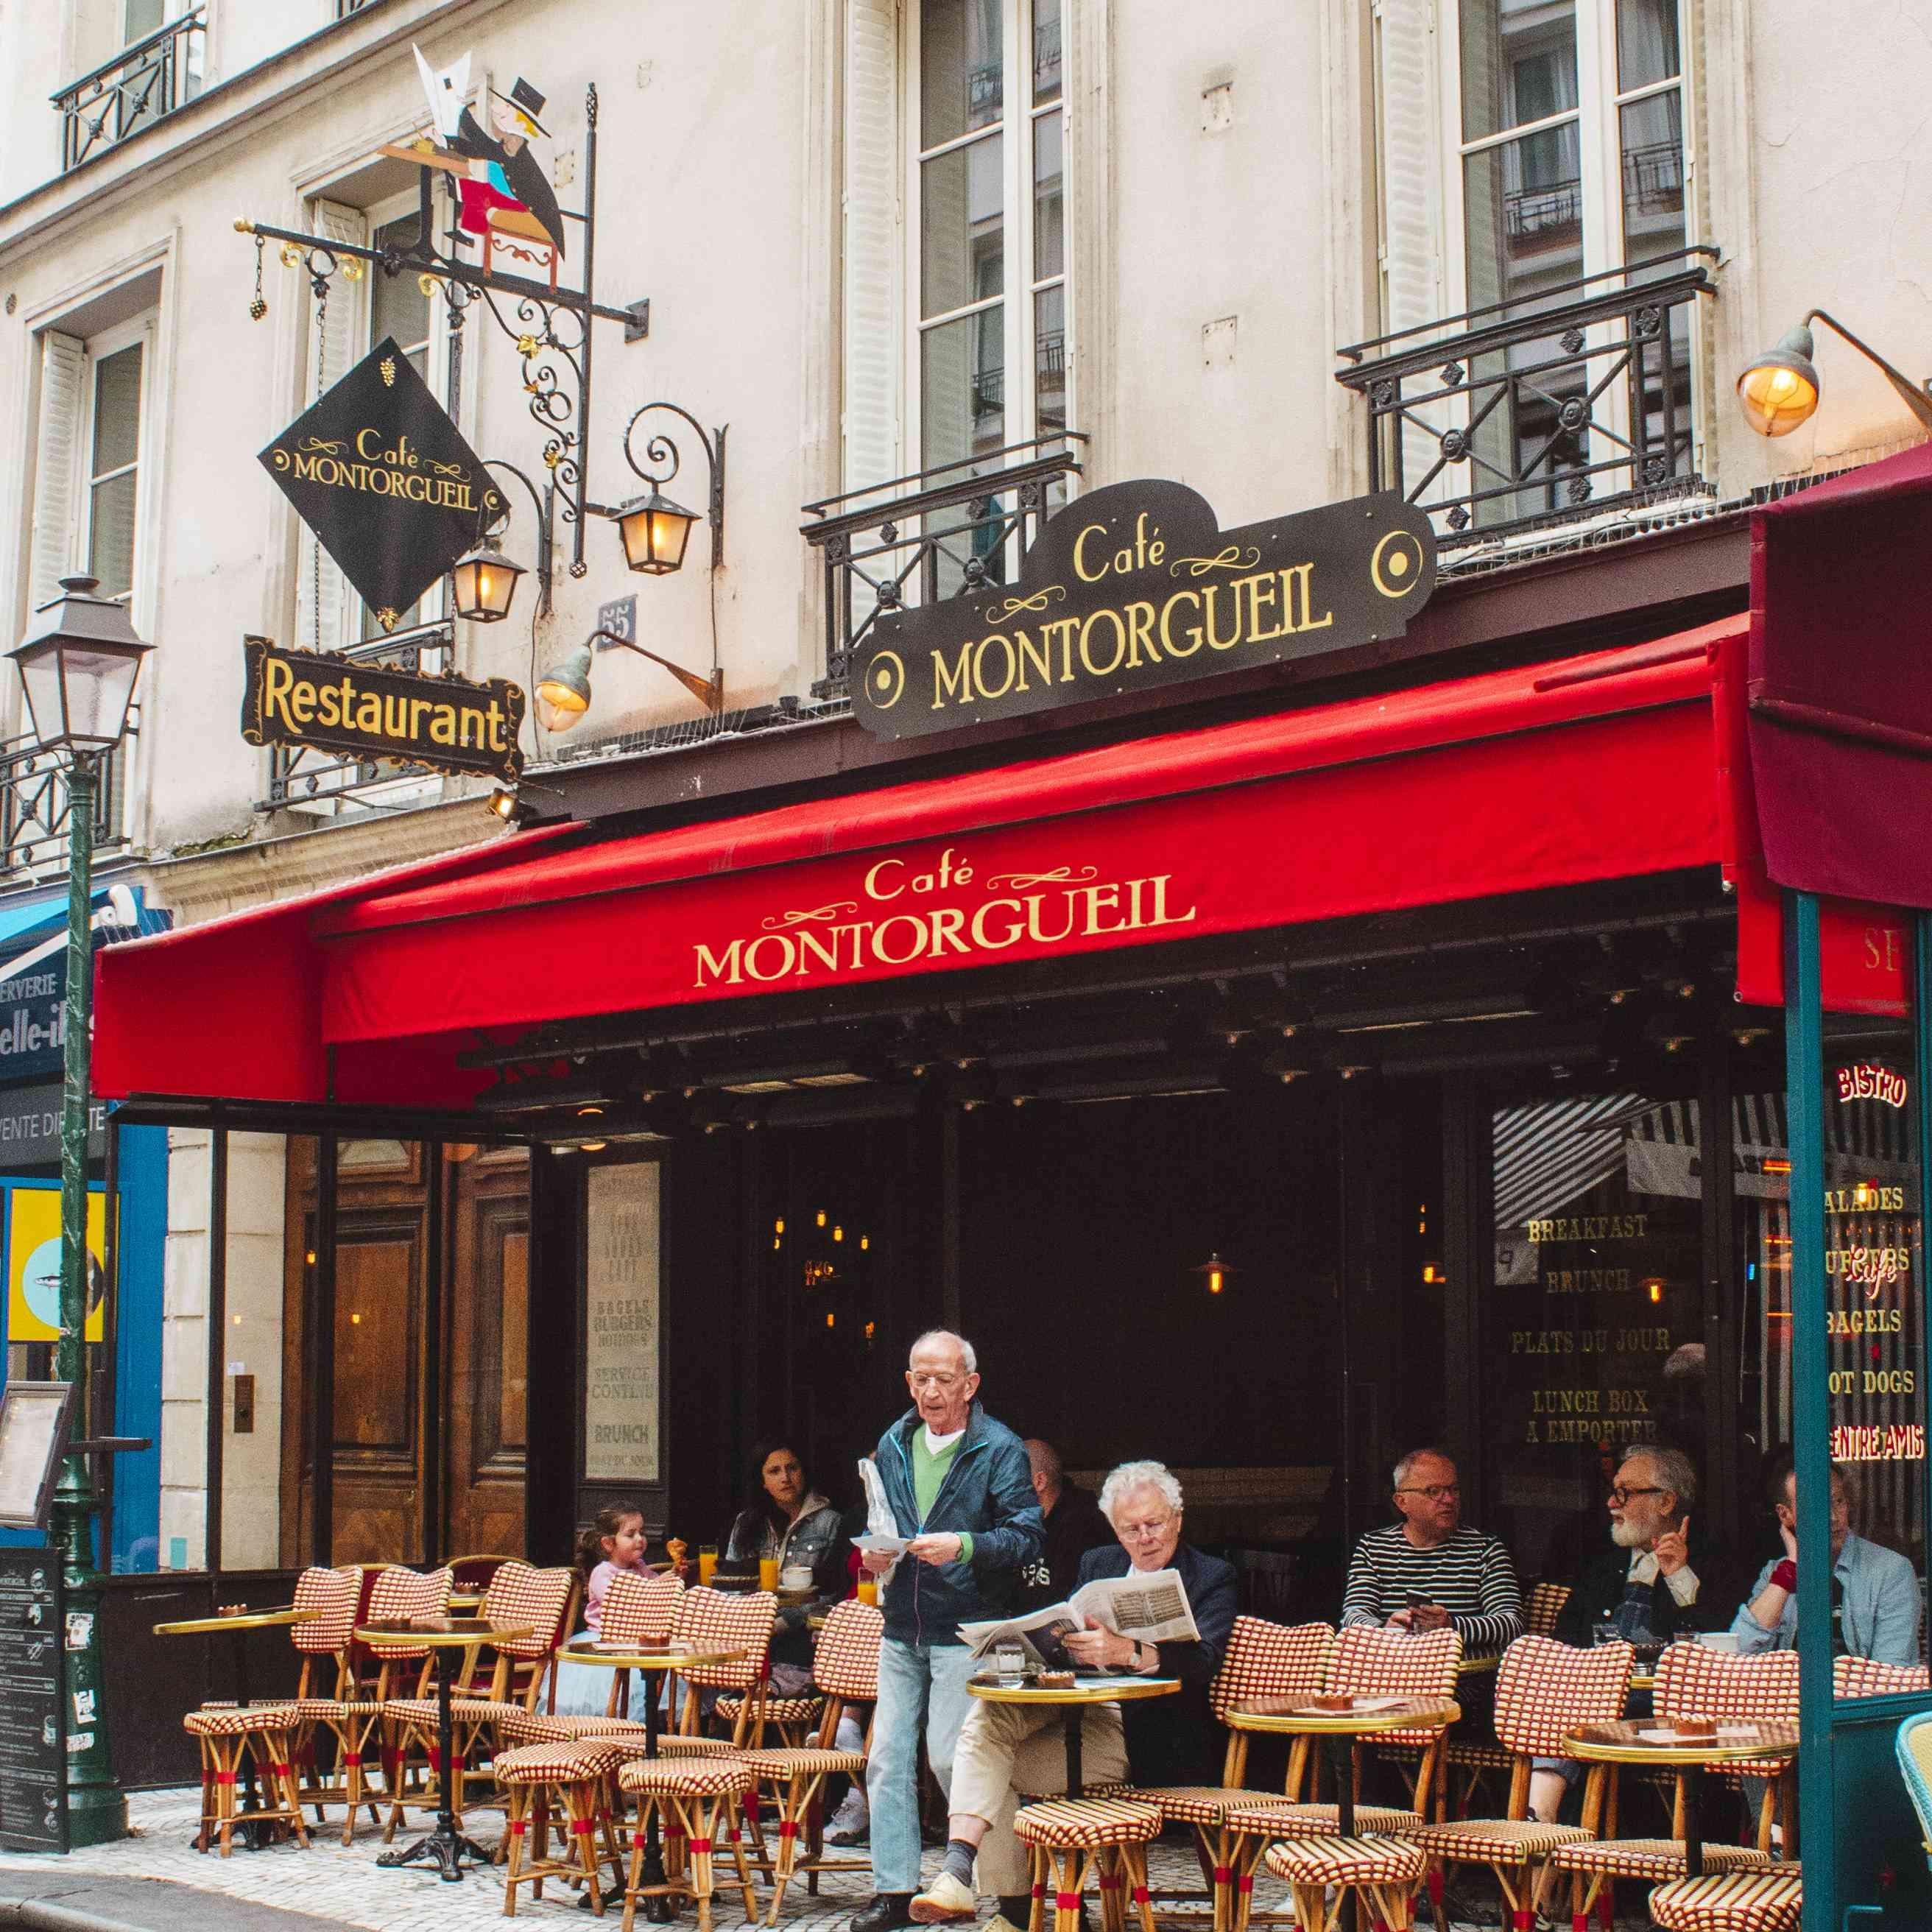 Cafe on Rue Montorgueil